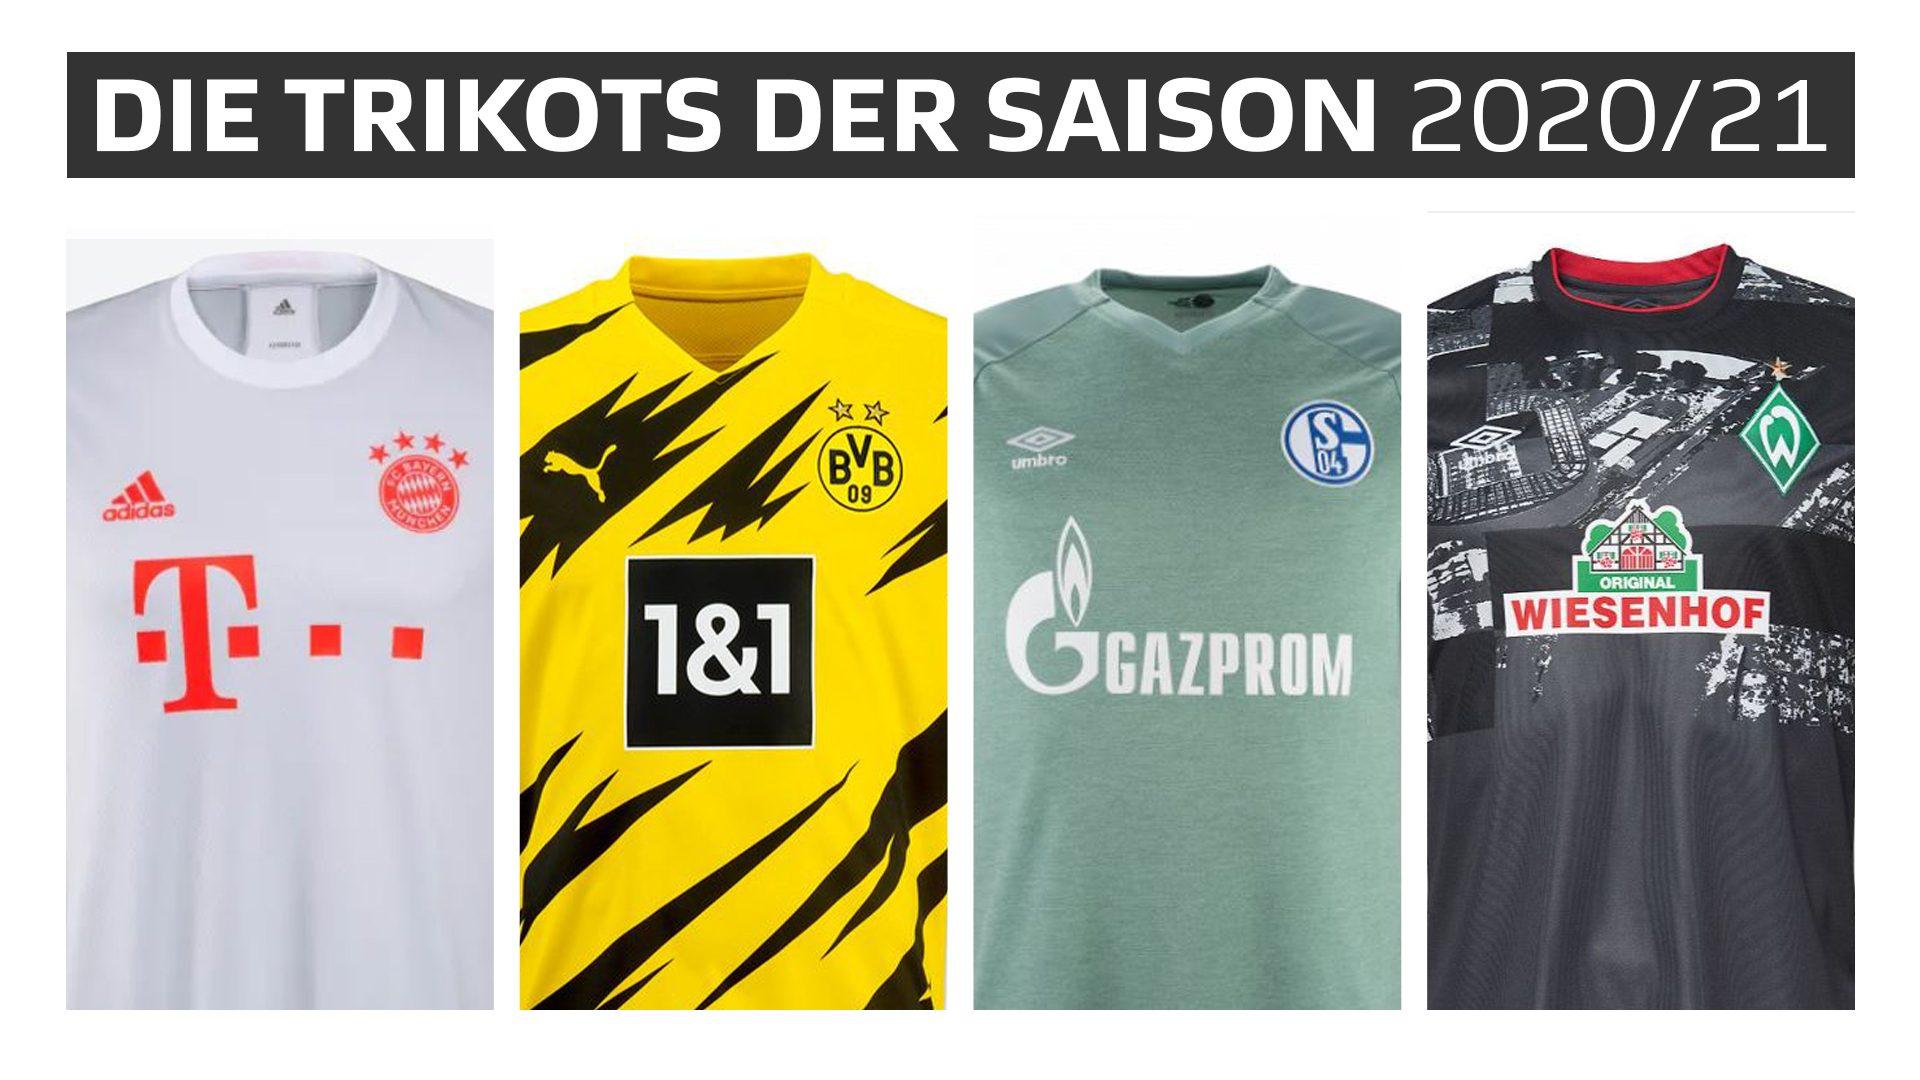 Bundesliga: Die Trikots der Saison 2020/21